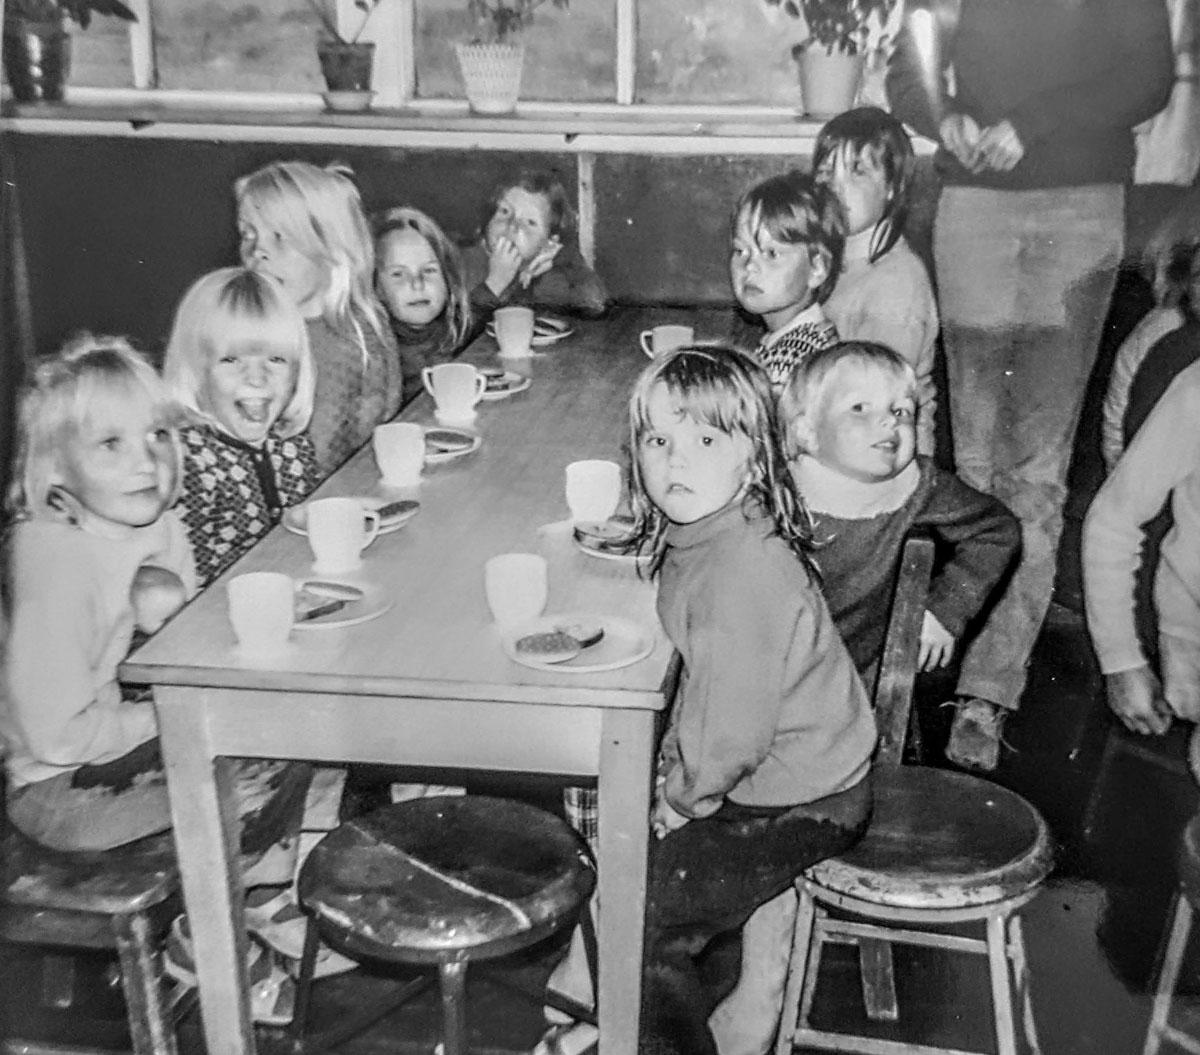 1970 - Elva, Auður, Anna Kristbjörg, Karen, Klara, Sigrid, Íris, Tóki, Linda